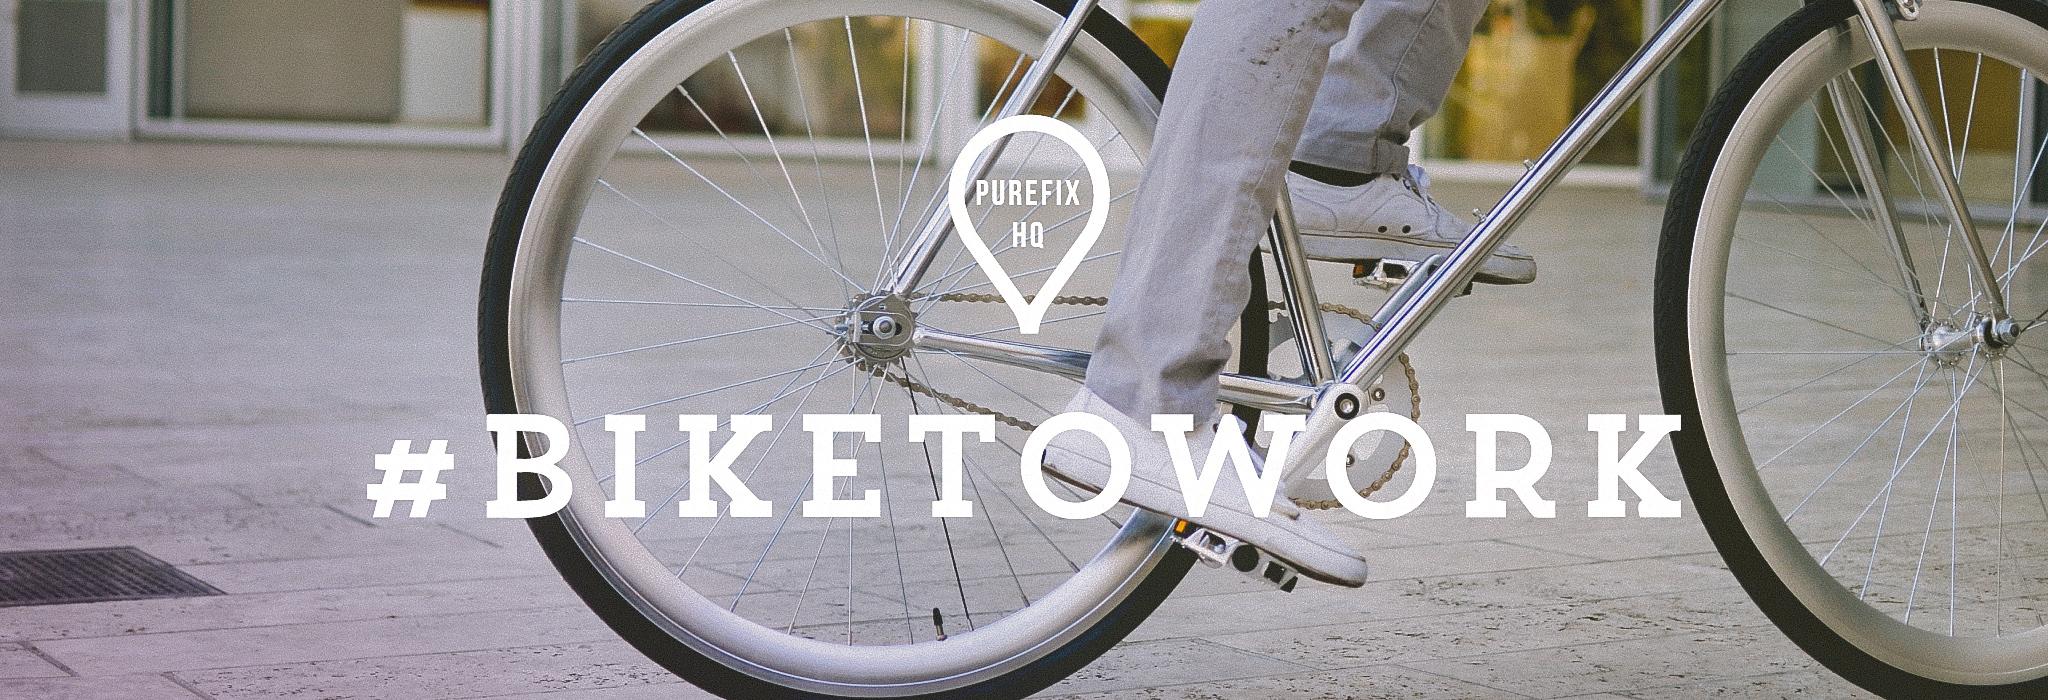 biketowork-banner